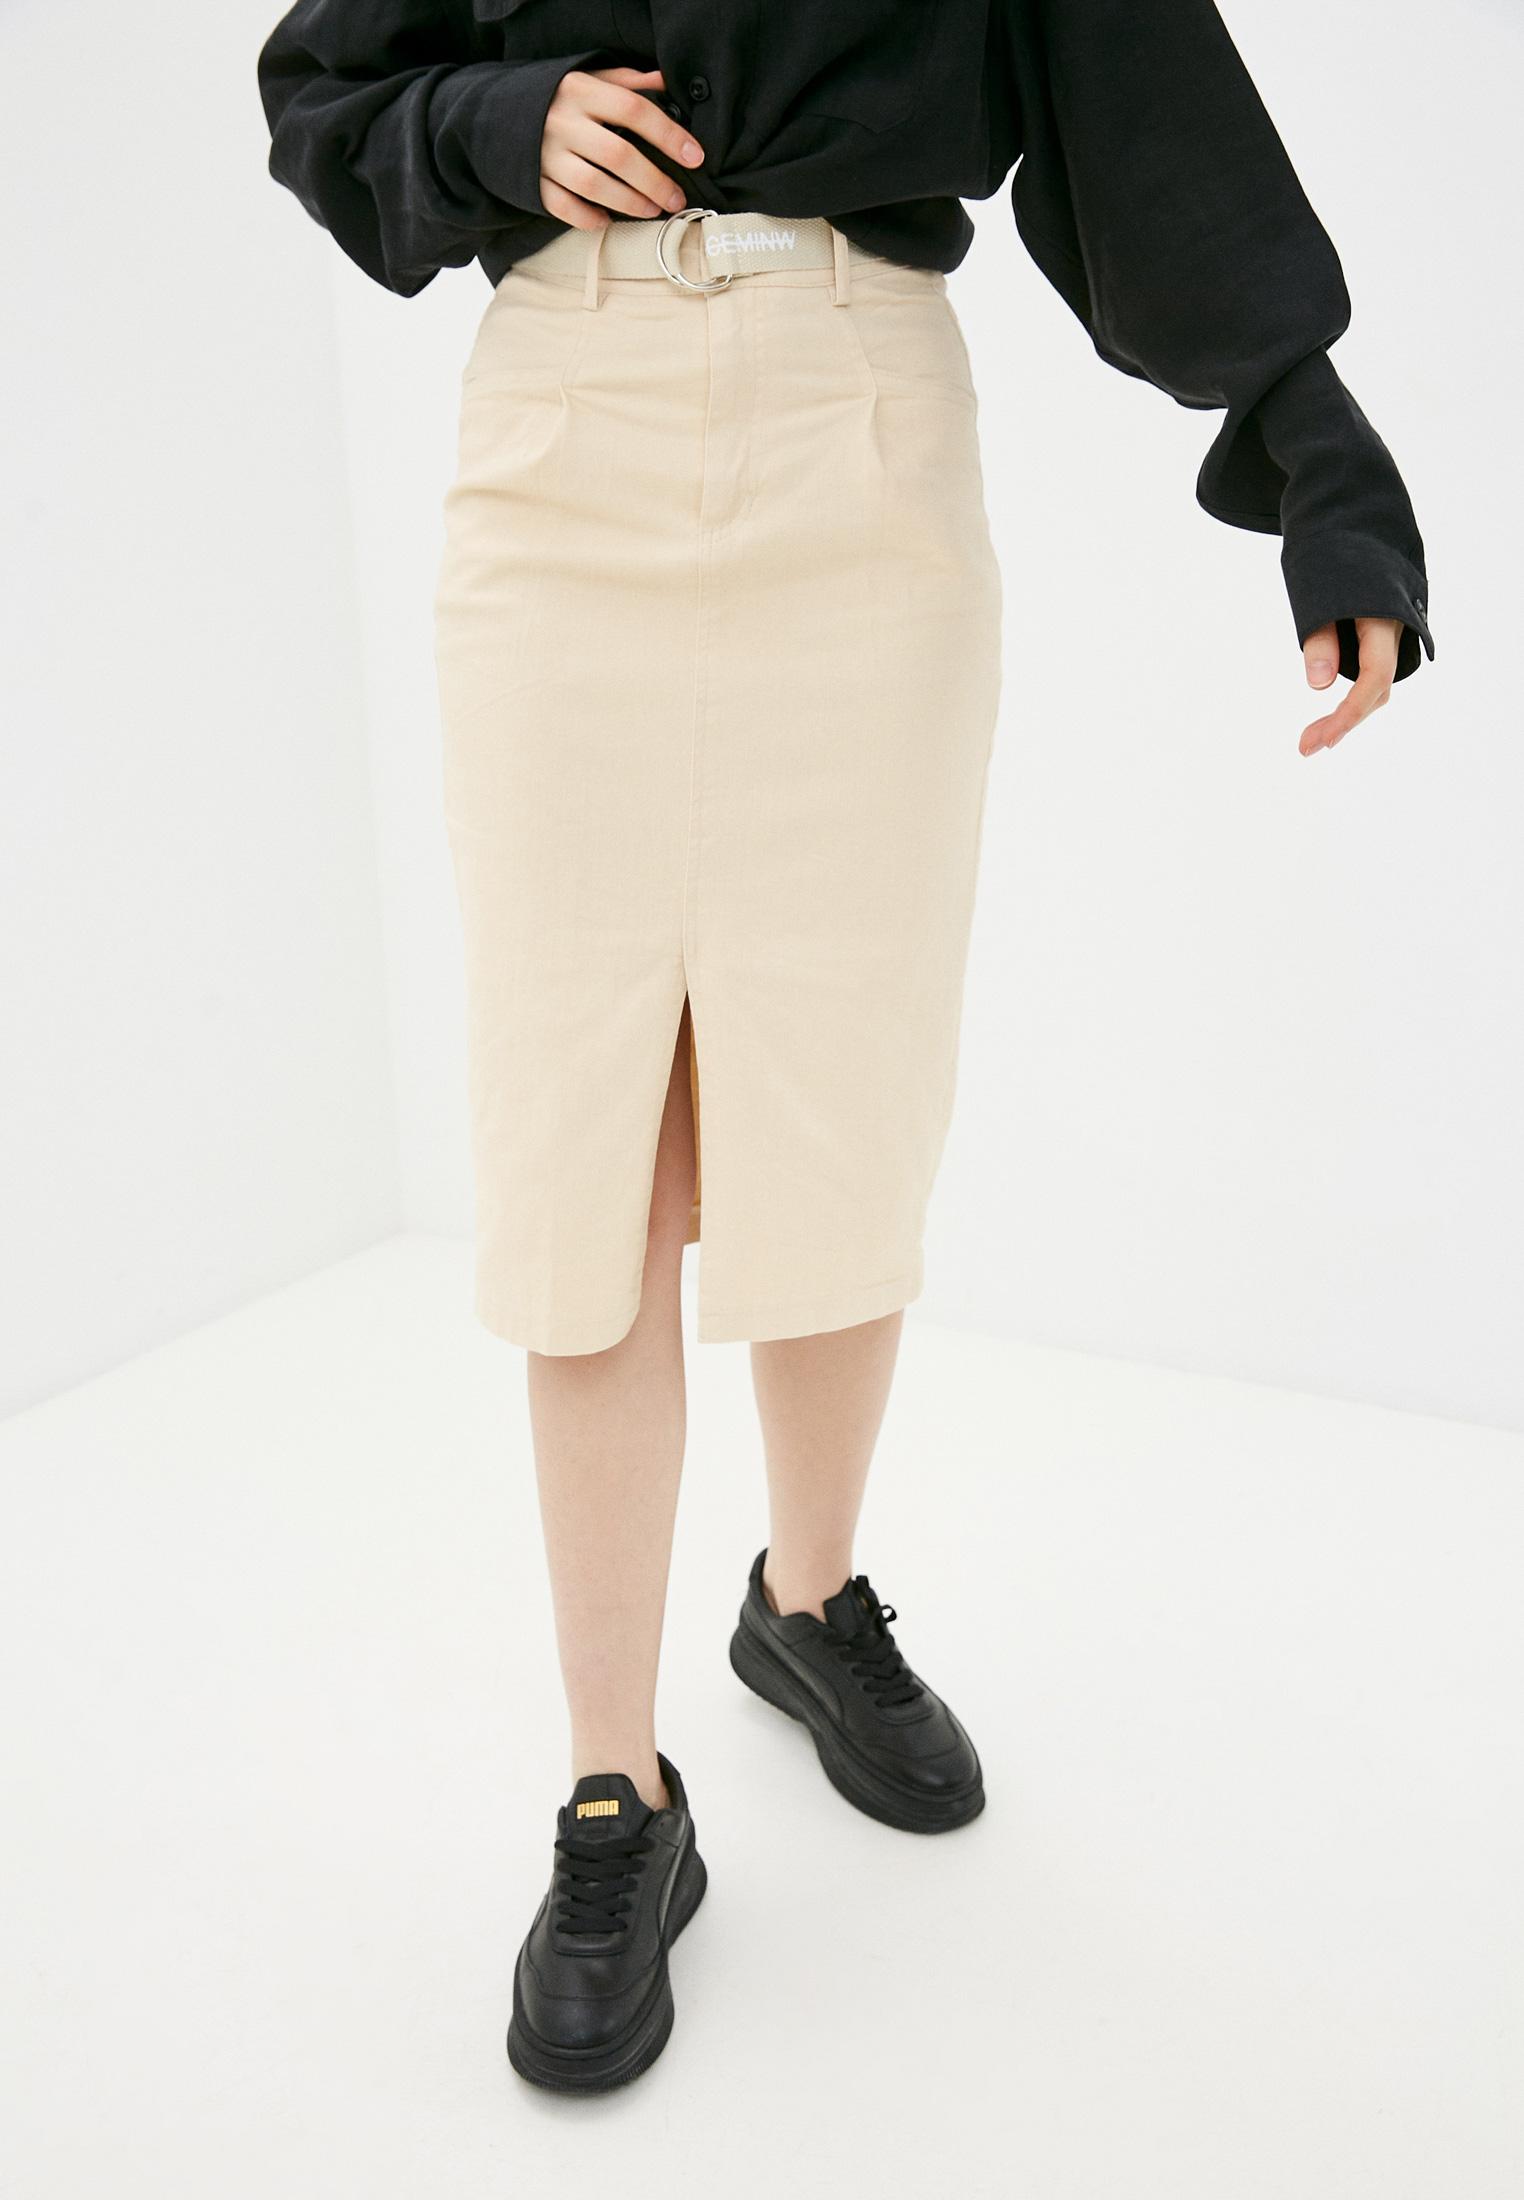 Джинсовая юбка Nerouge N515-12